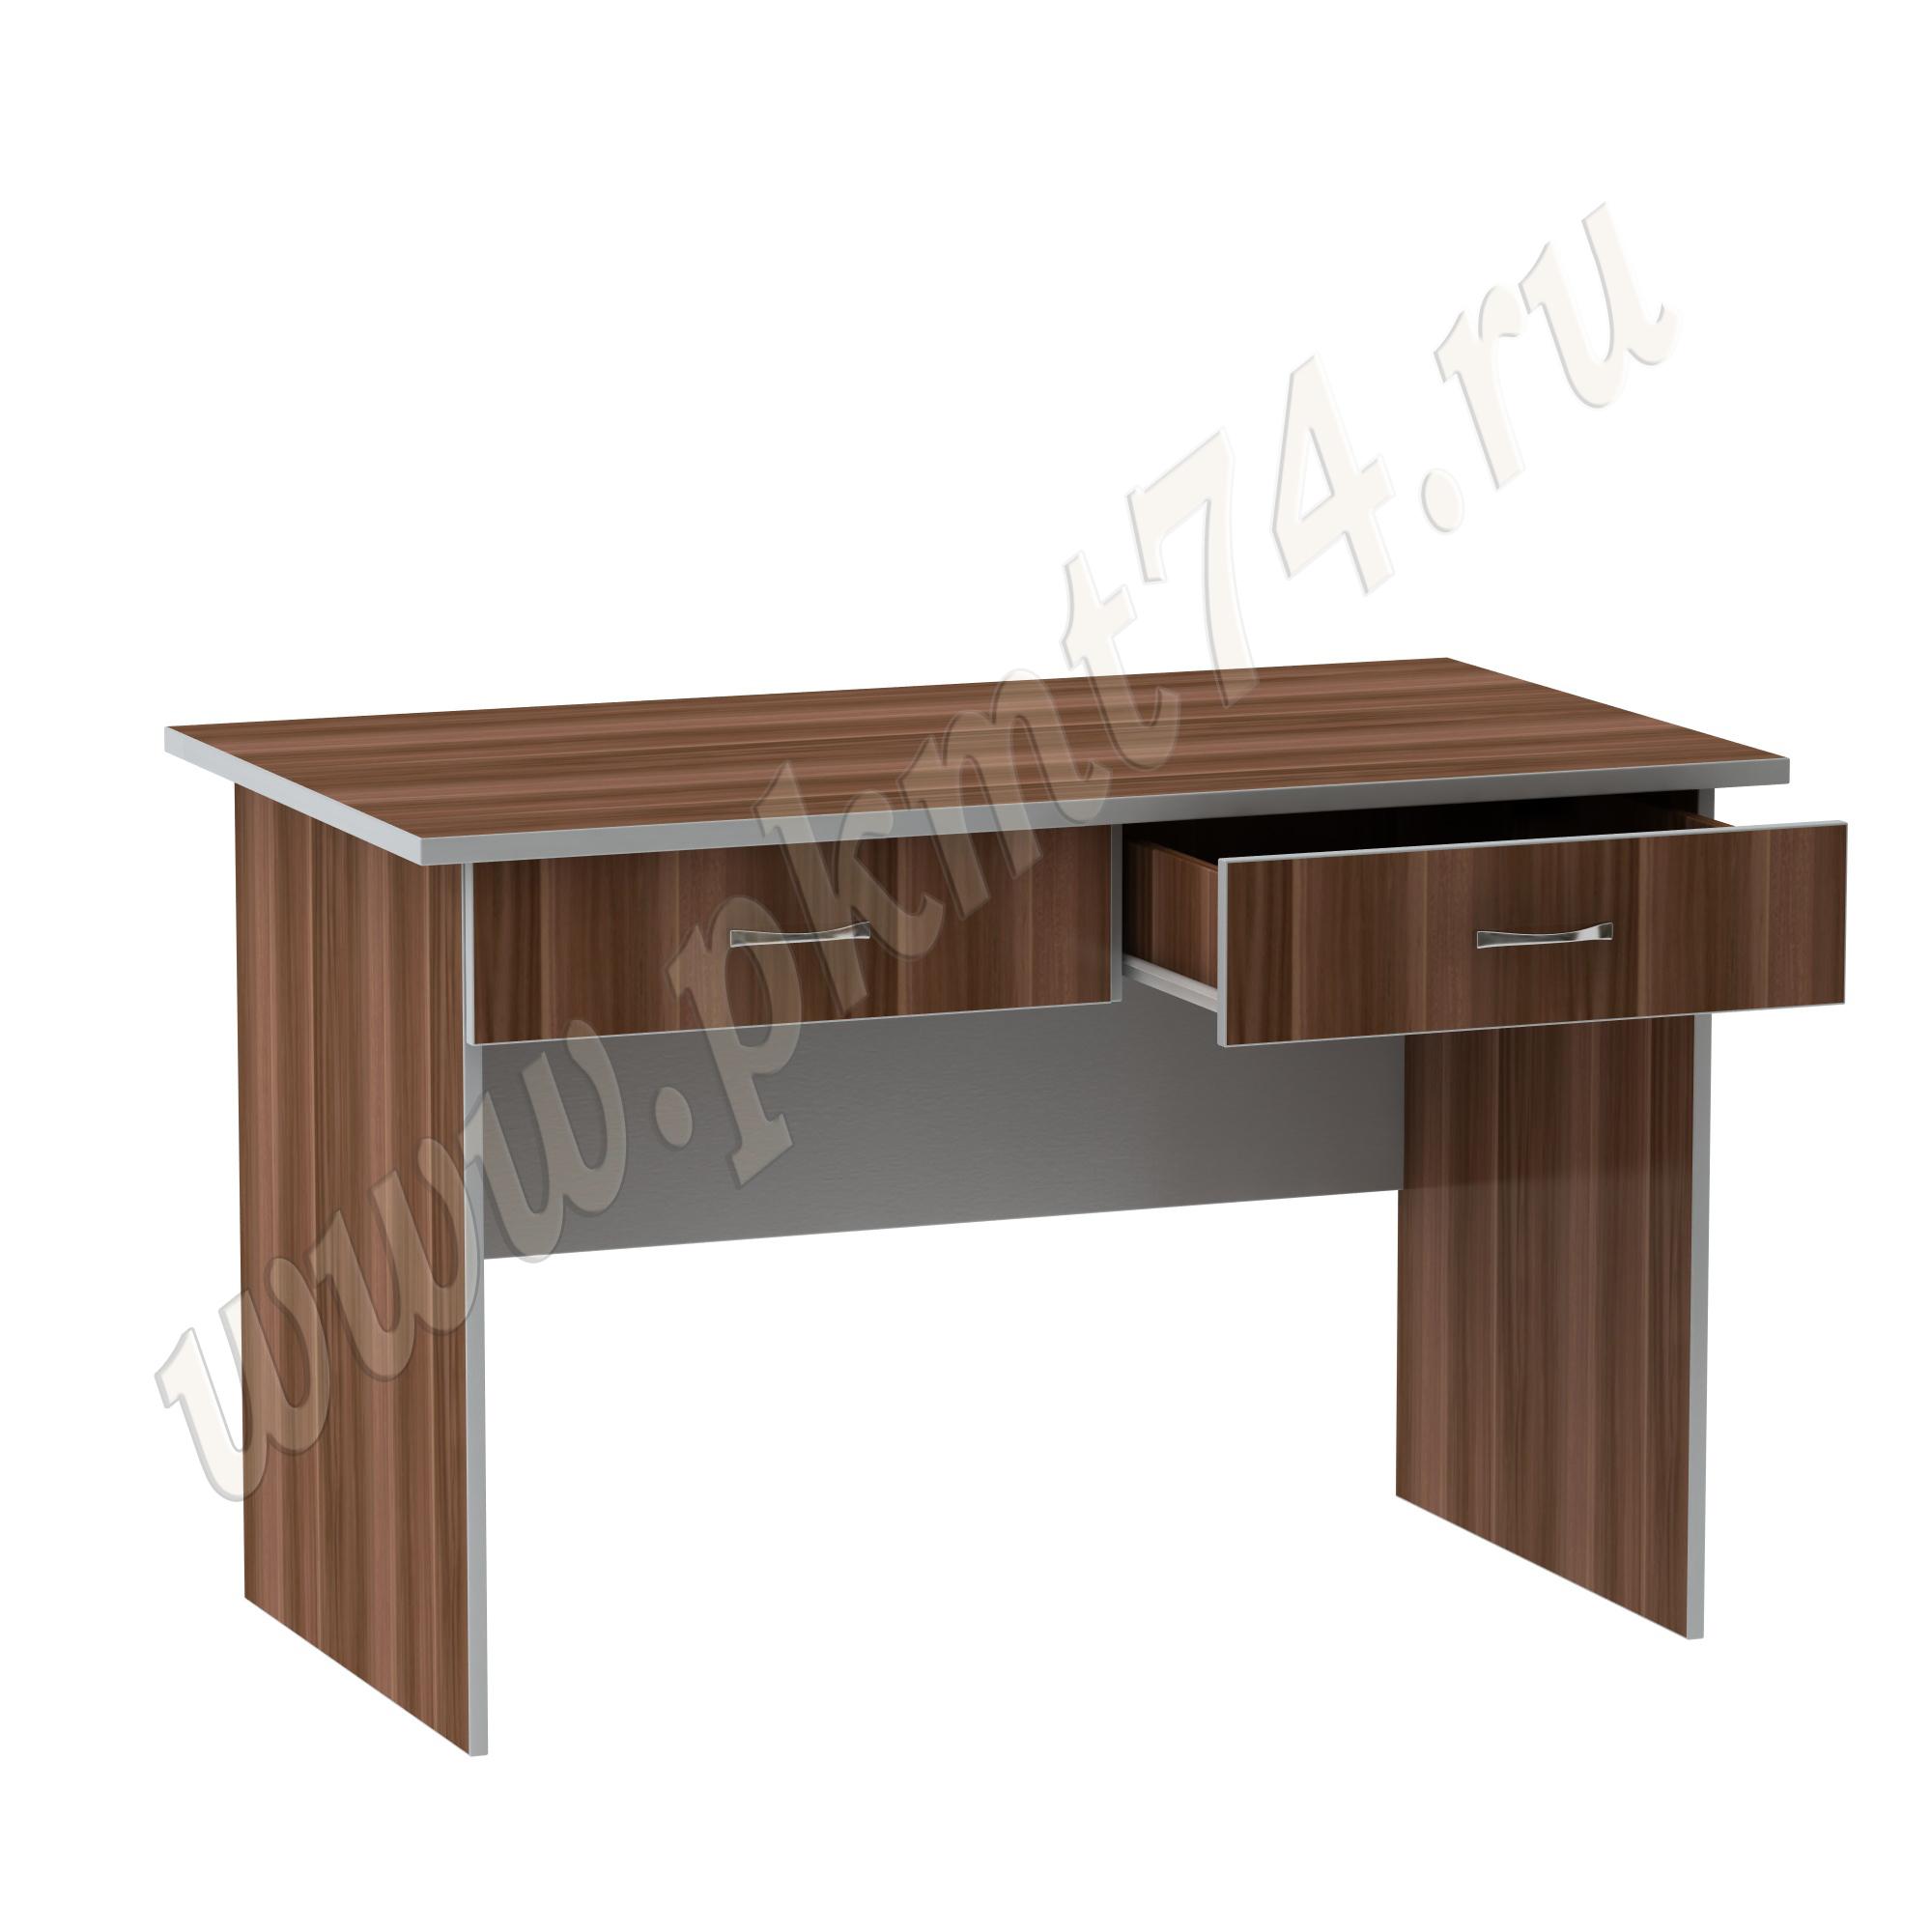 Стол рабочий офисный МТ 06-6 Слива-Алюминий